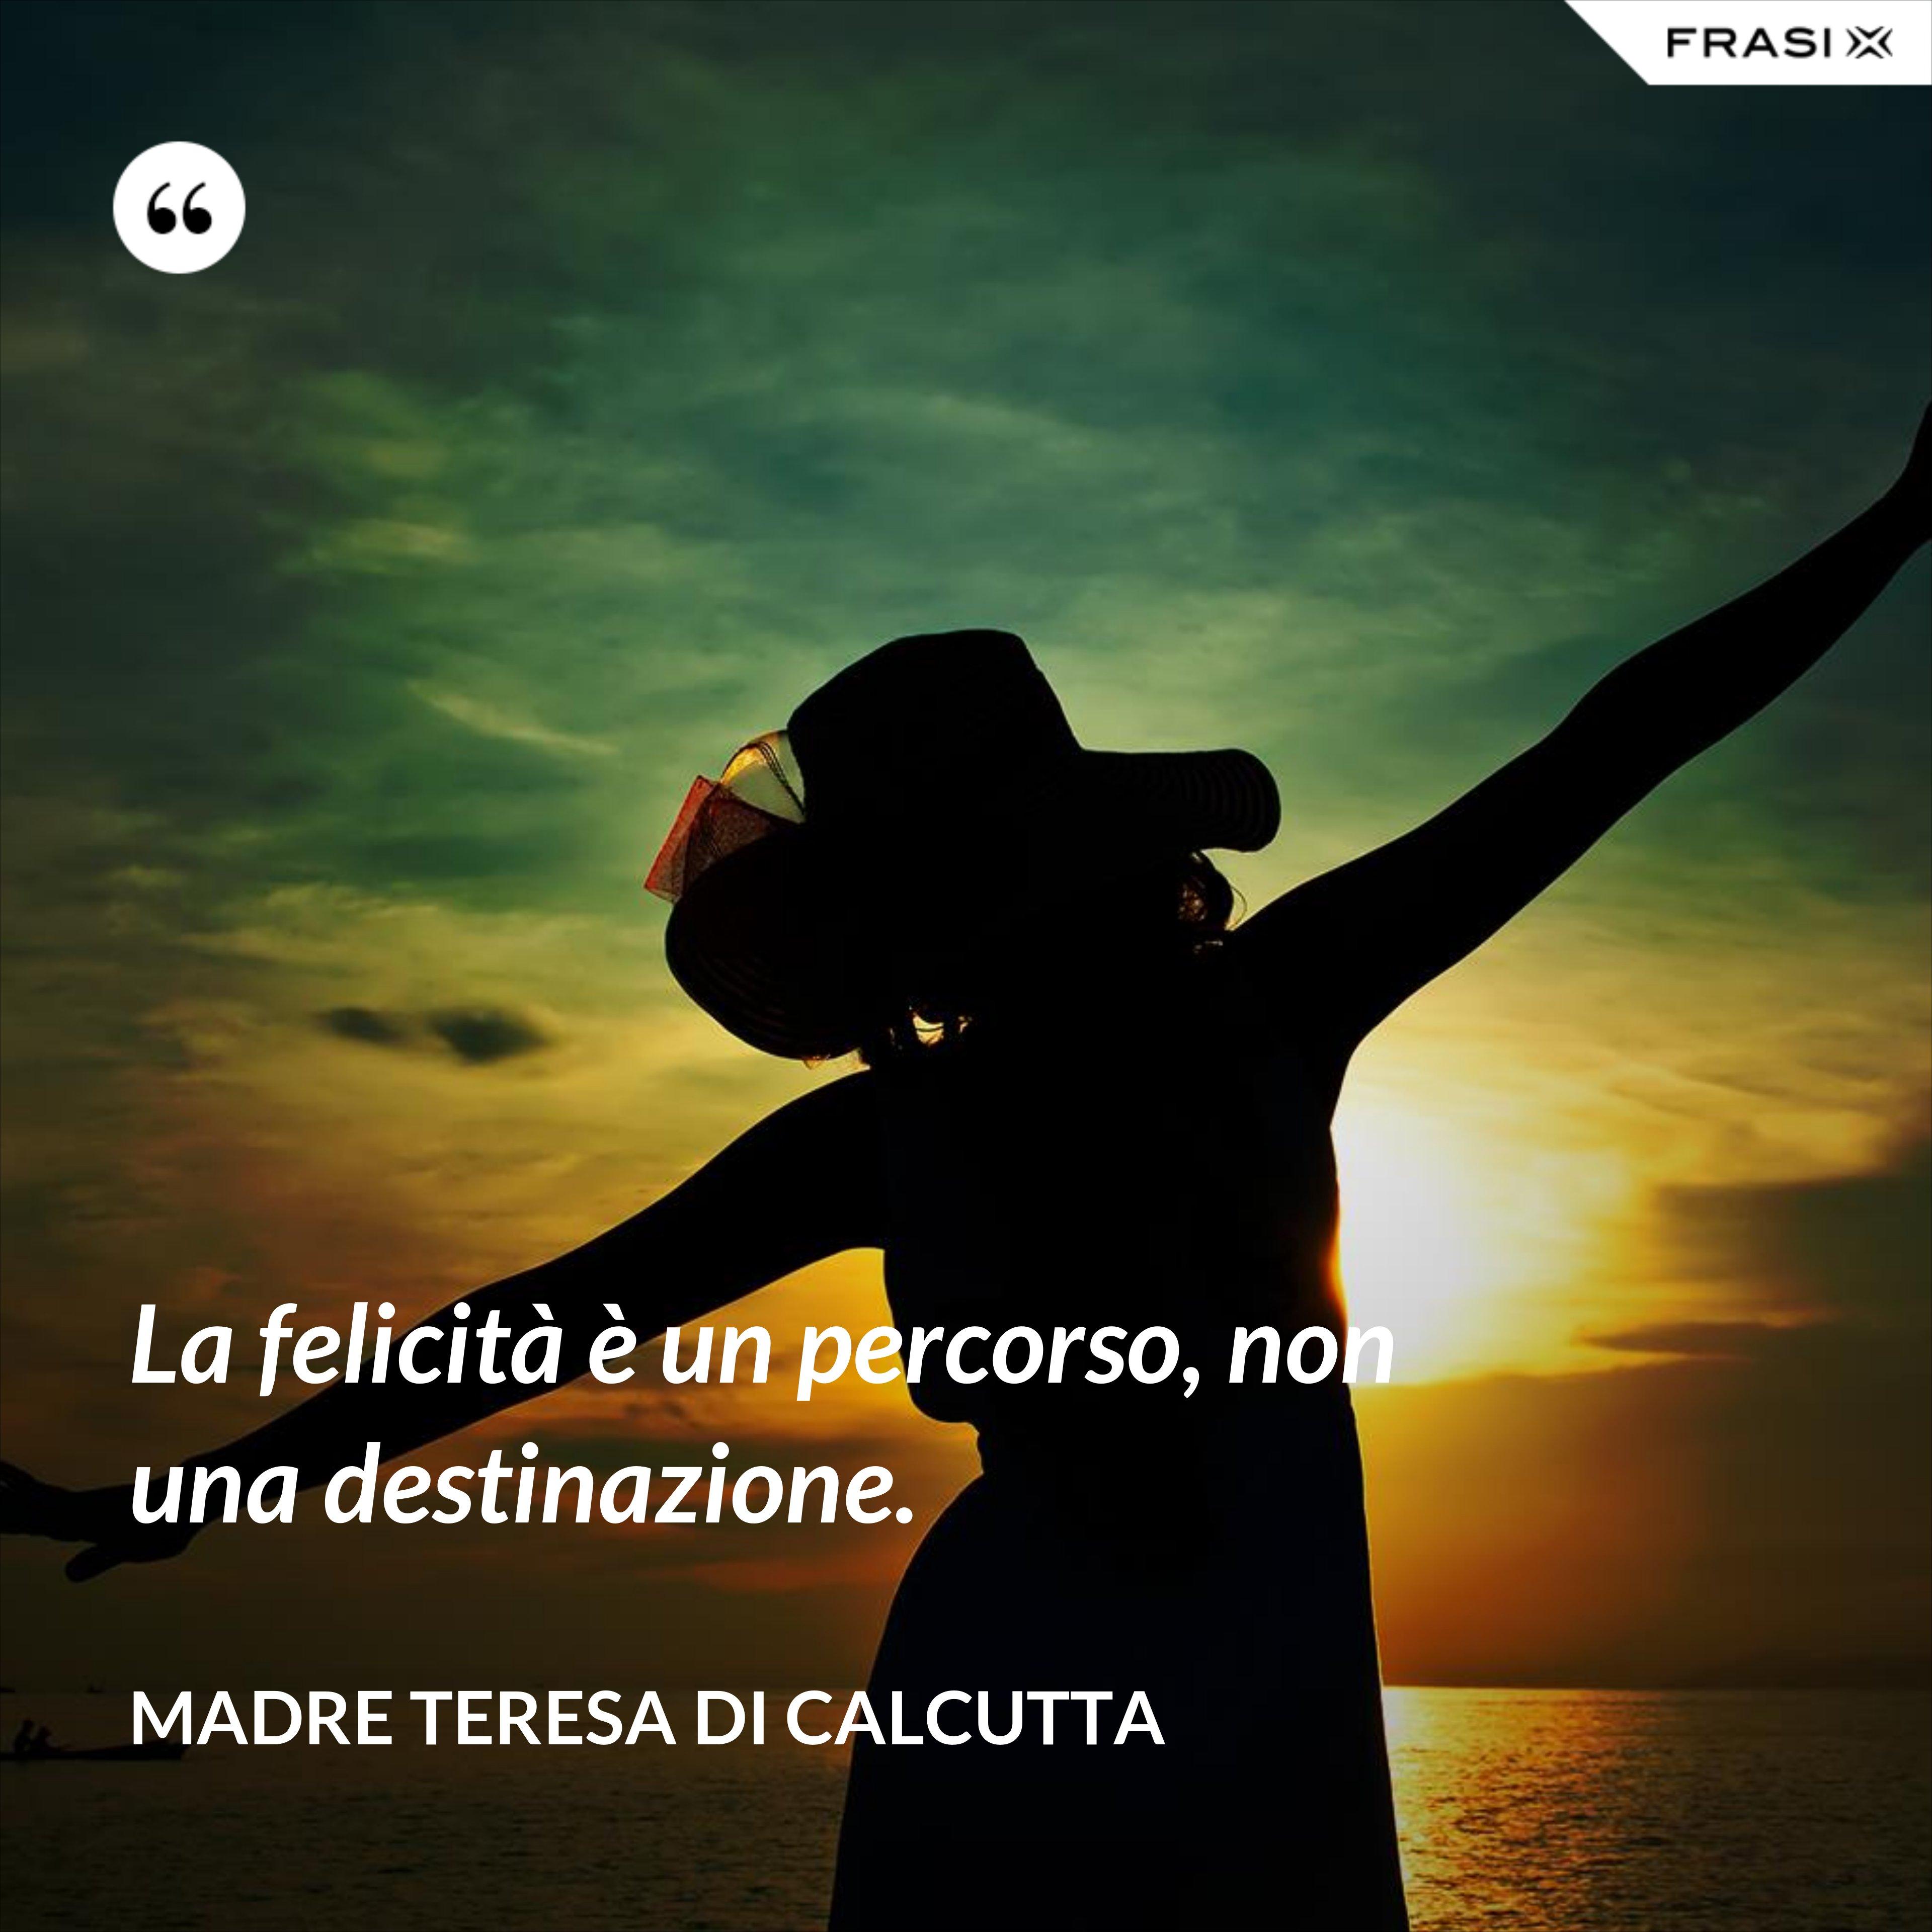 La felicità è un percorso, non una destinazione. - Madre Teresa Di Calcutta